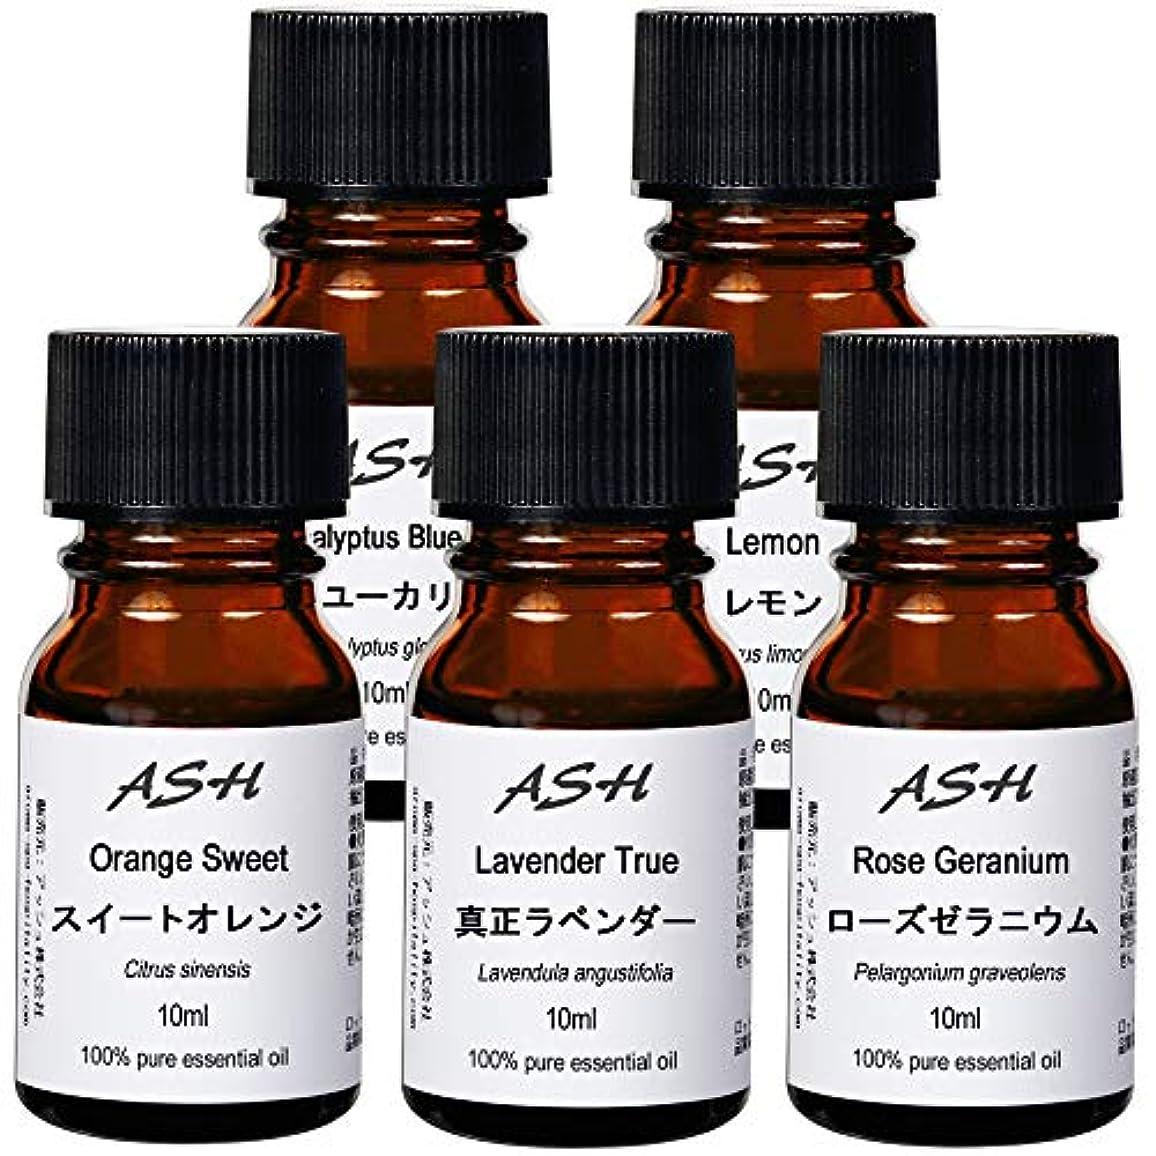 医薬品望むまさにASH エッセンシャルオイル A.お試し 10mlx5本セット (スイートオレンジ/ユーカリ/ラベンダー/レモン/ローズゼラニウム) AEAJ認定精油